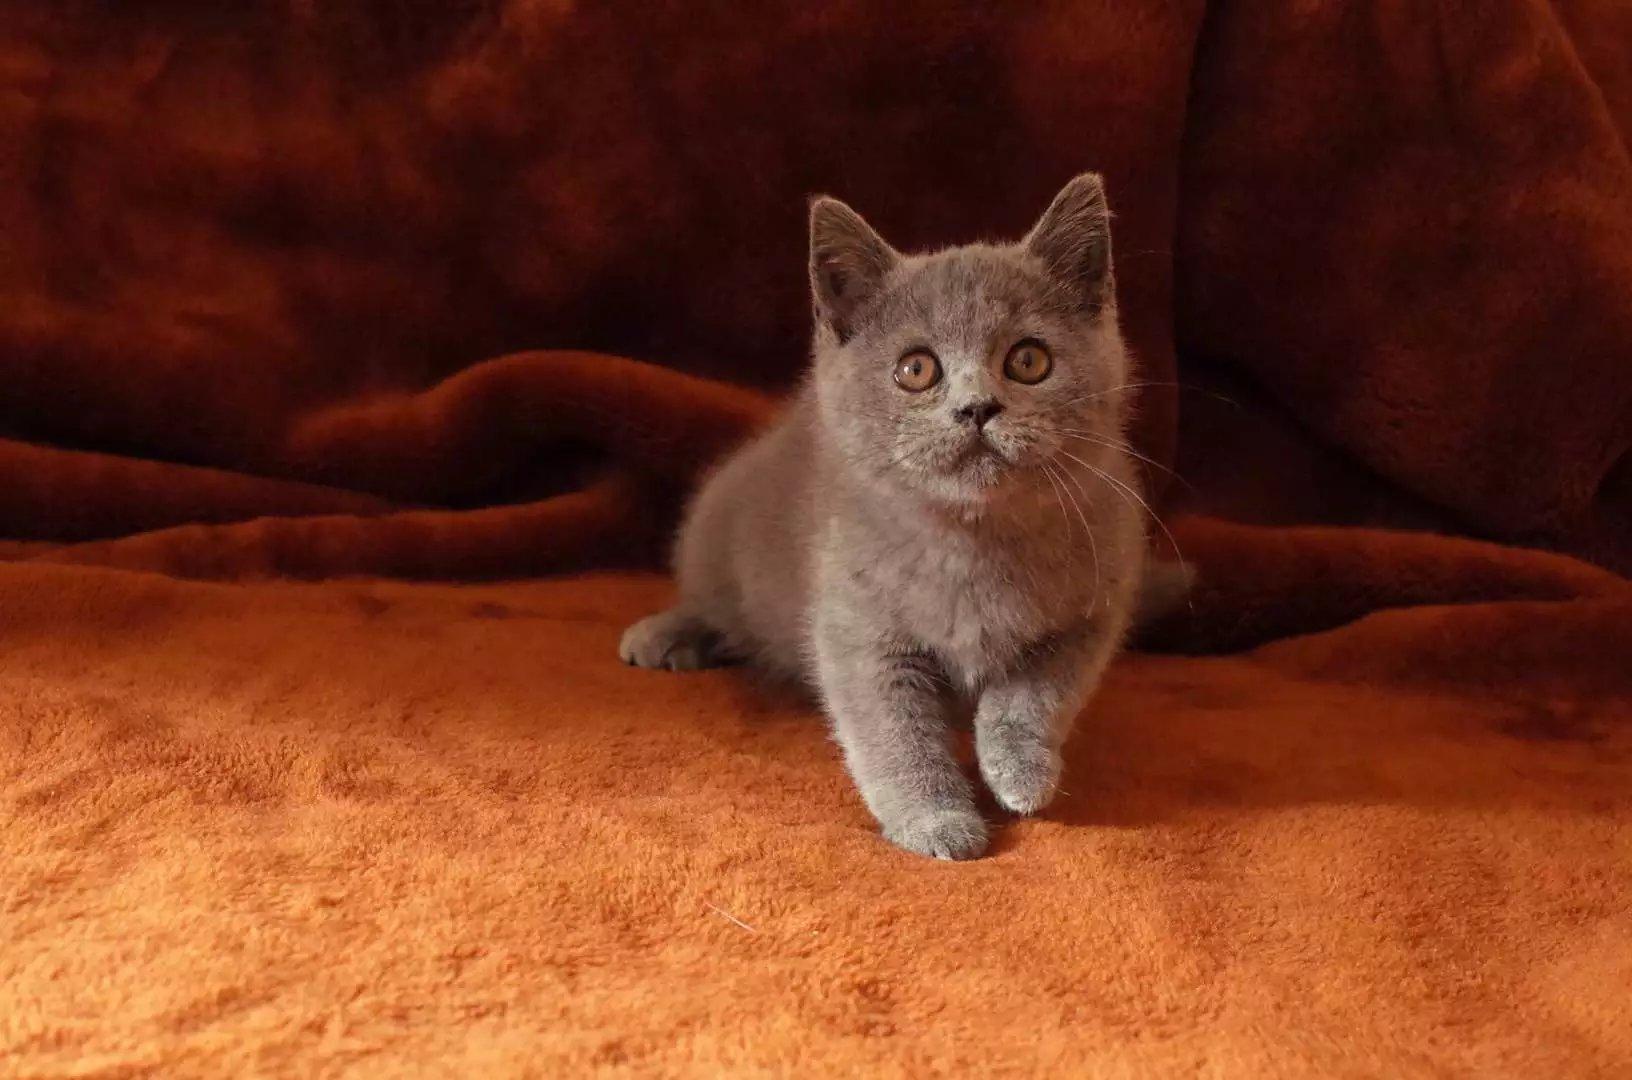 出售美短虎斑 英短蓝猫 蓝白 幼猫咪出售